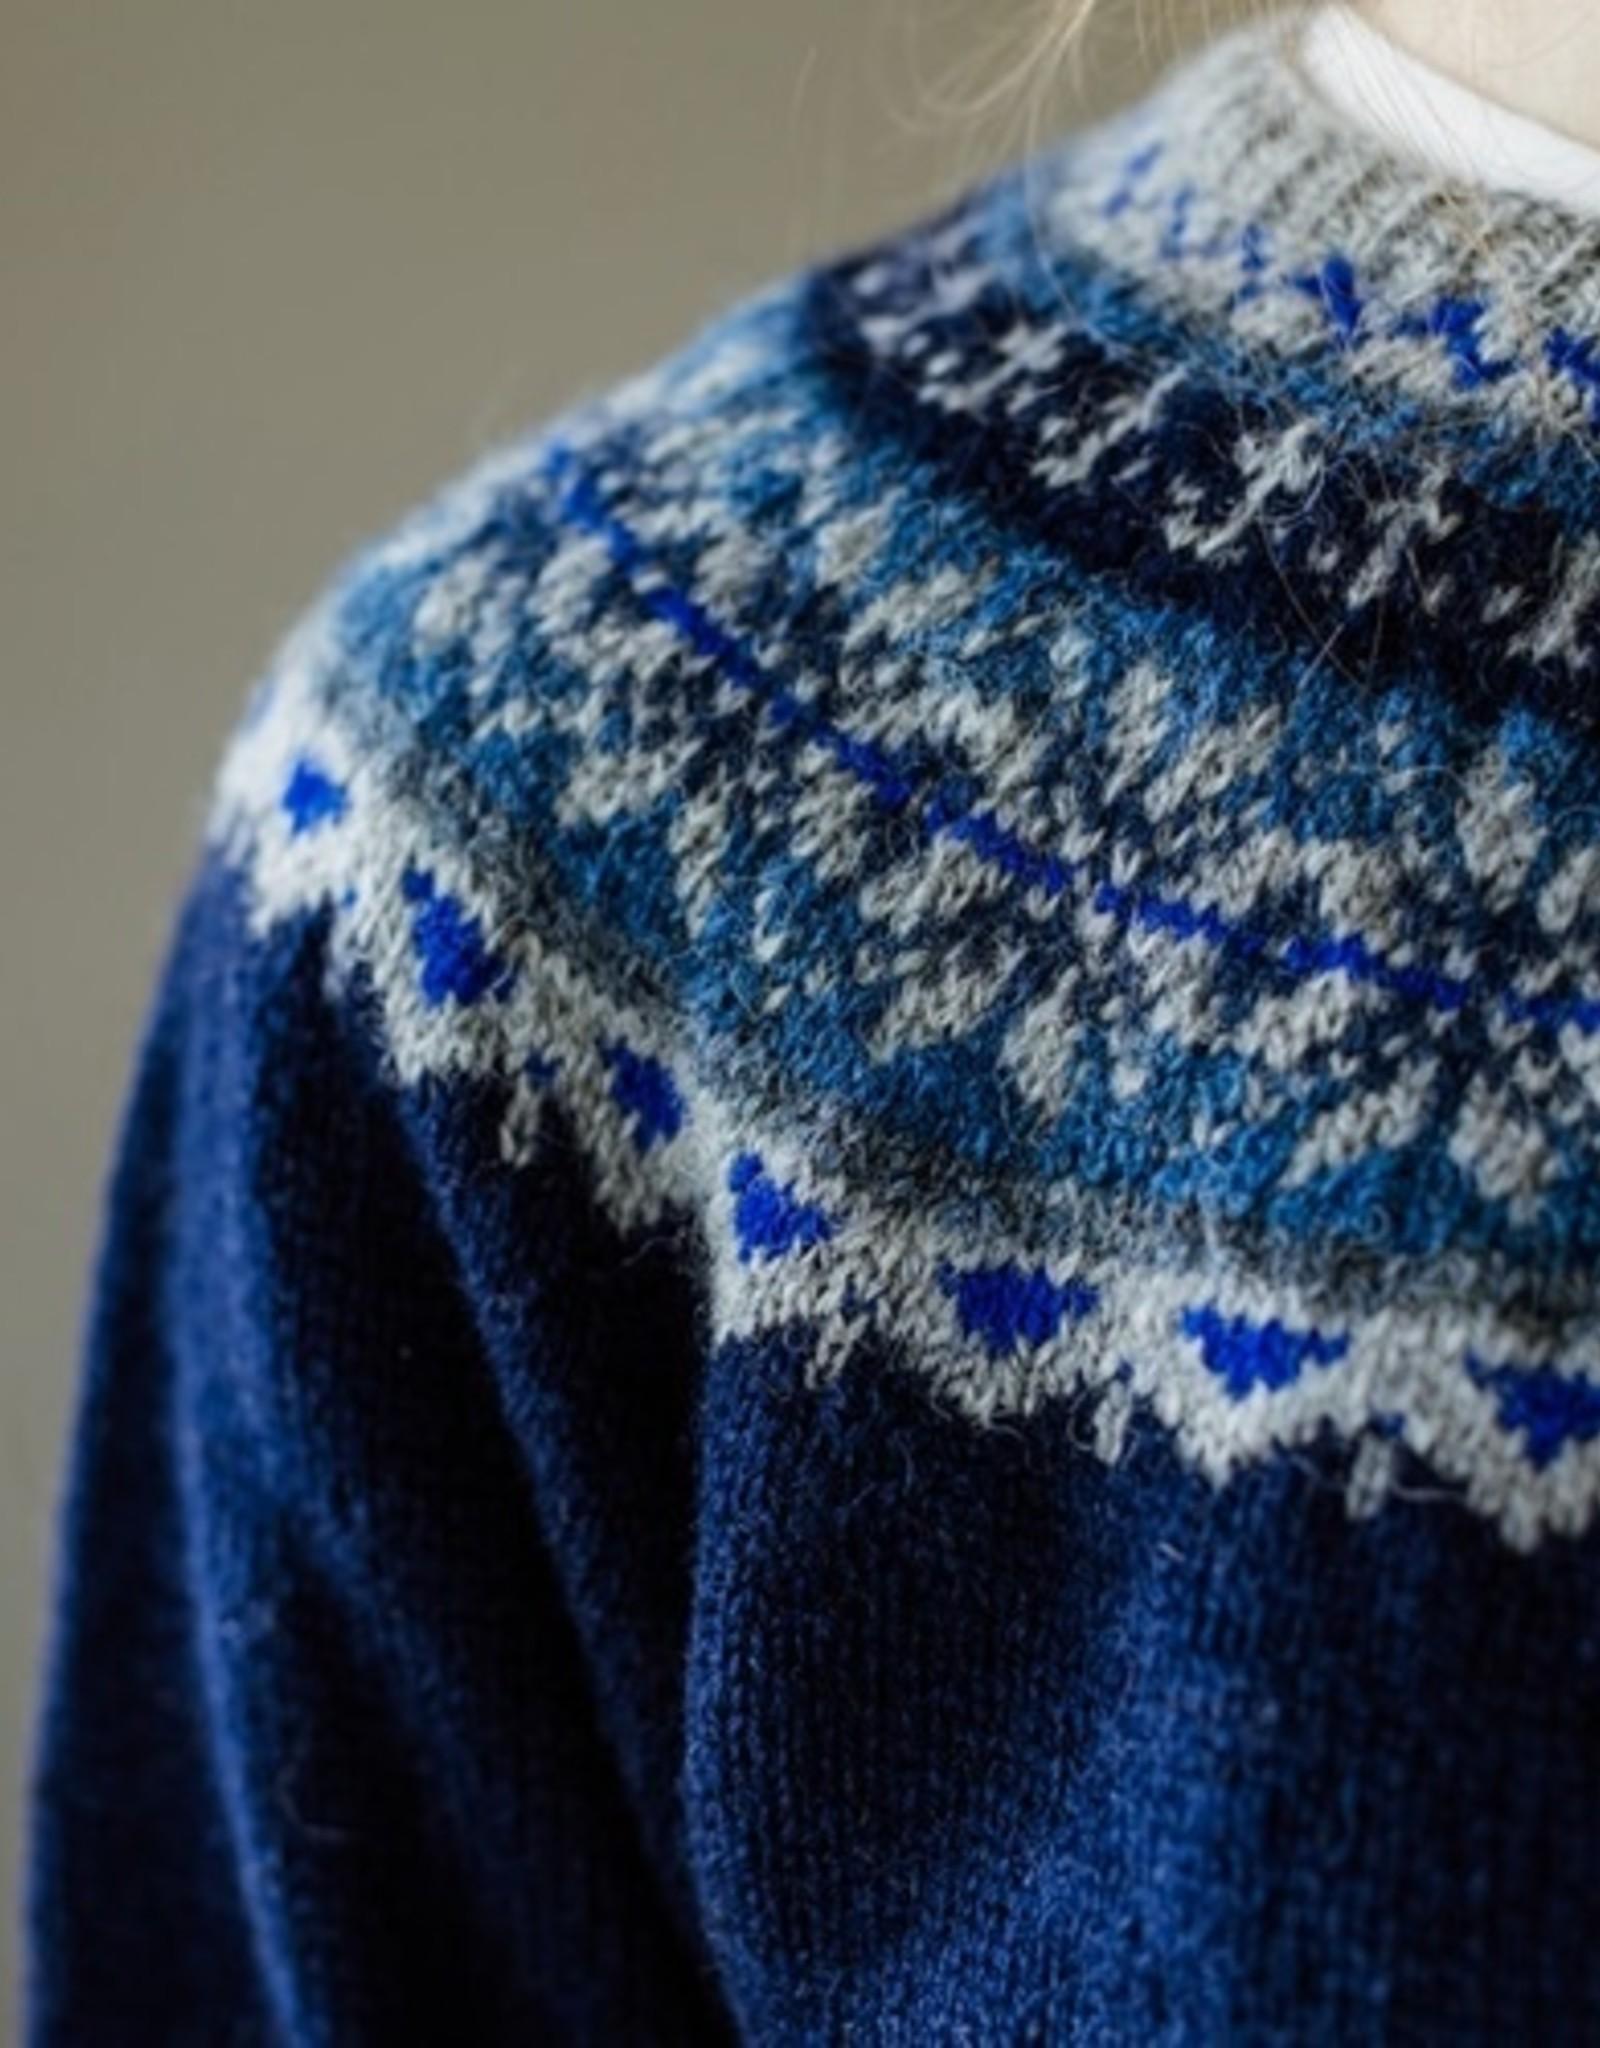 Shetland Wool Adventures Shetland Wool Adventures Journal vol.3